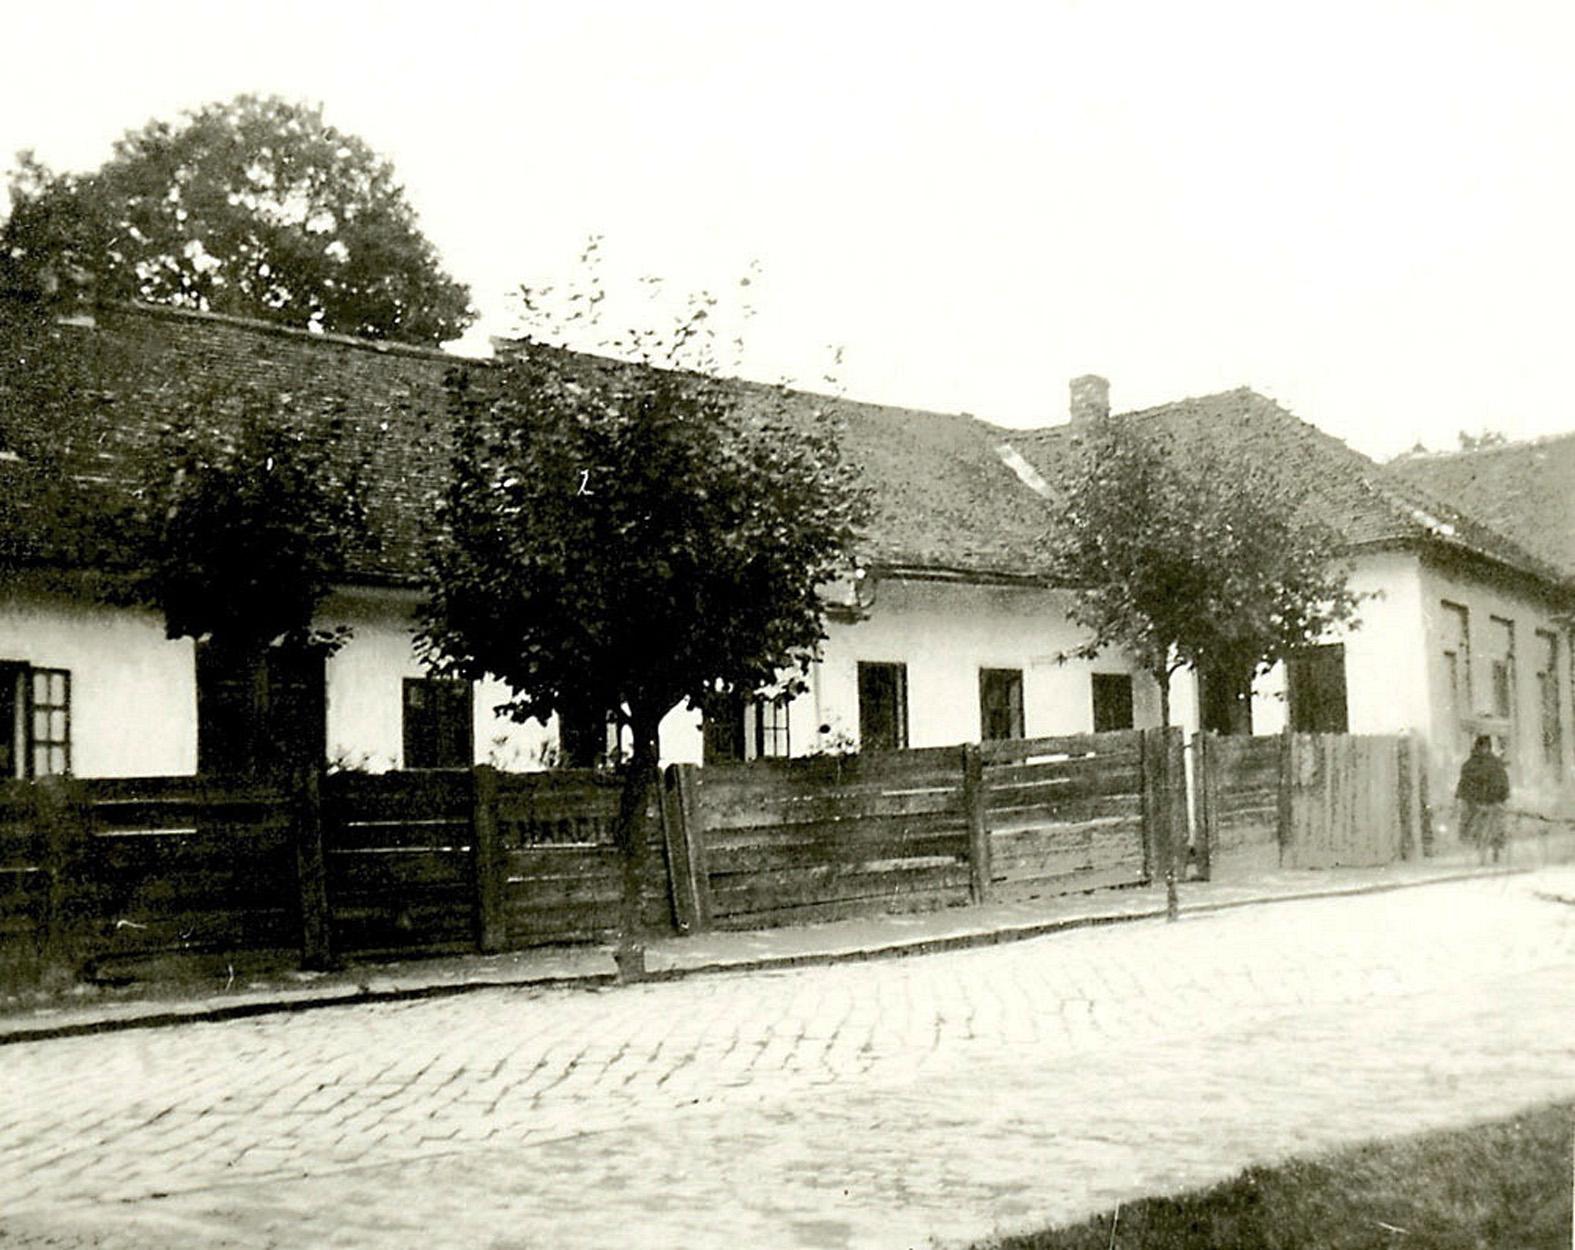 nagykanizsa-rozgonyi-utca-1